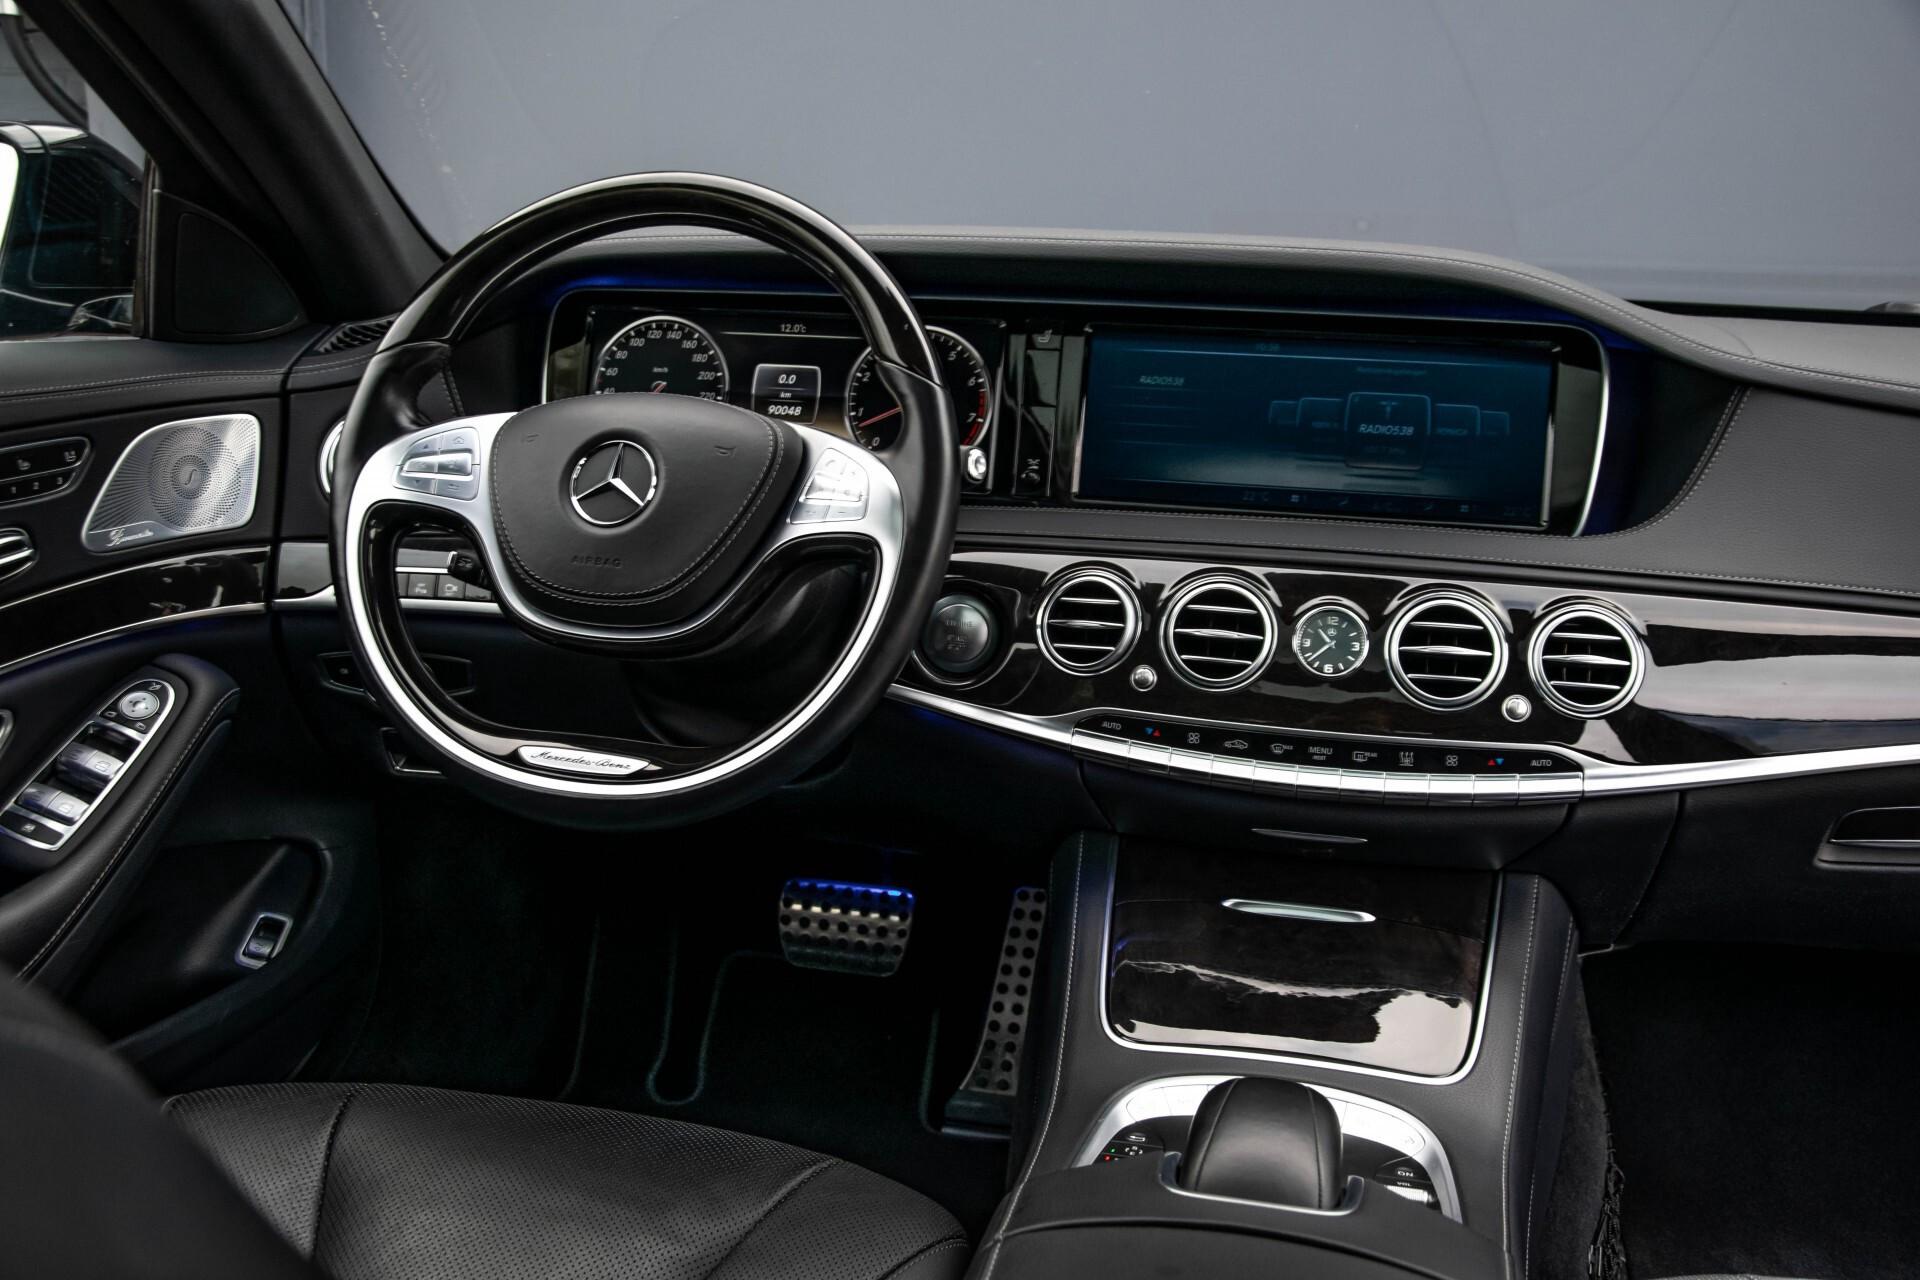 Mercedes-Benz S-Klasse 500 4-M AMG Panorama/Standkachel/Massage/Entertainment/TV Aut7 Foto 7